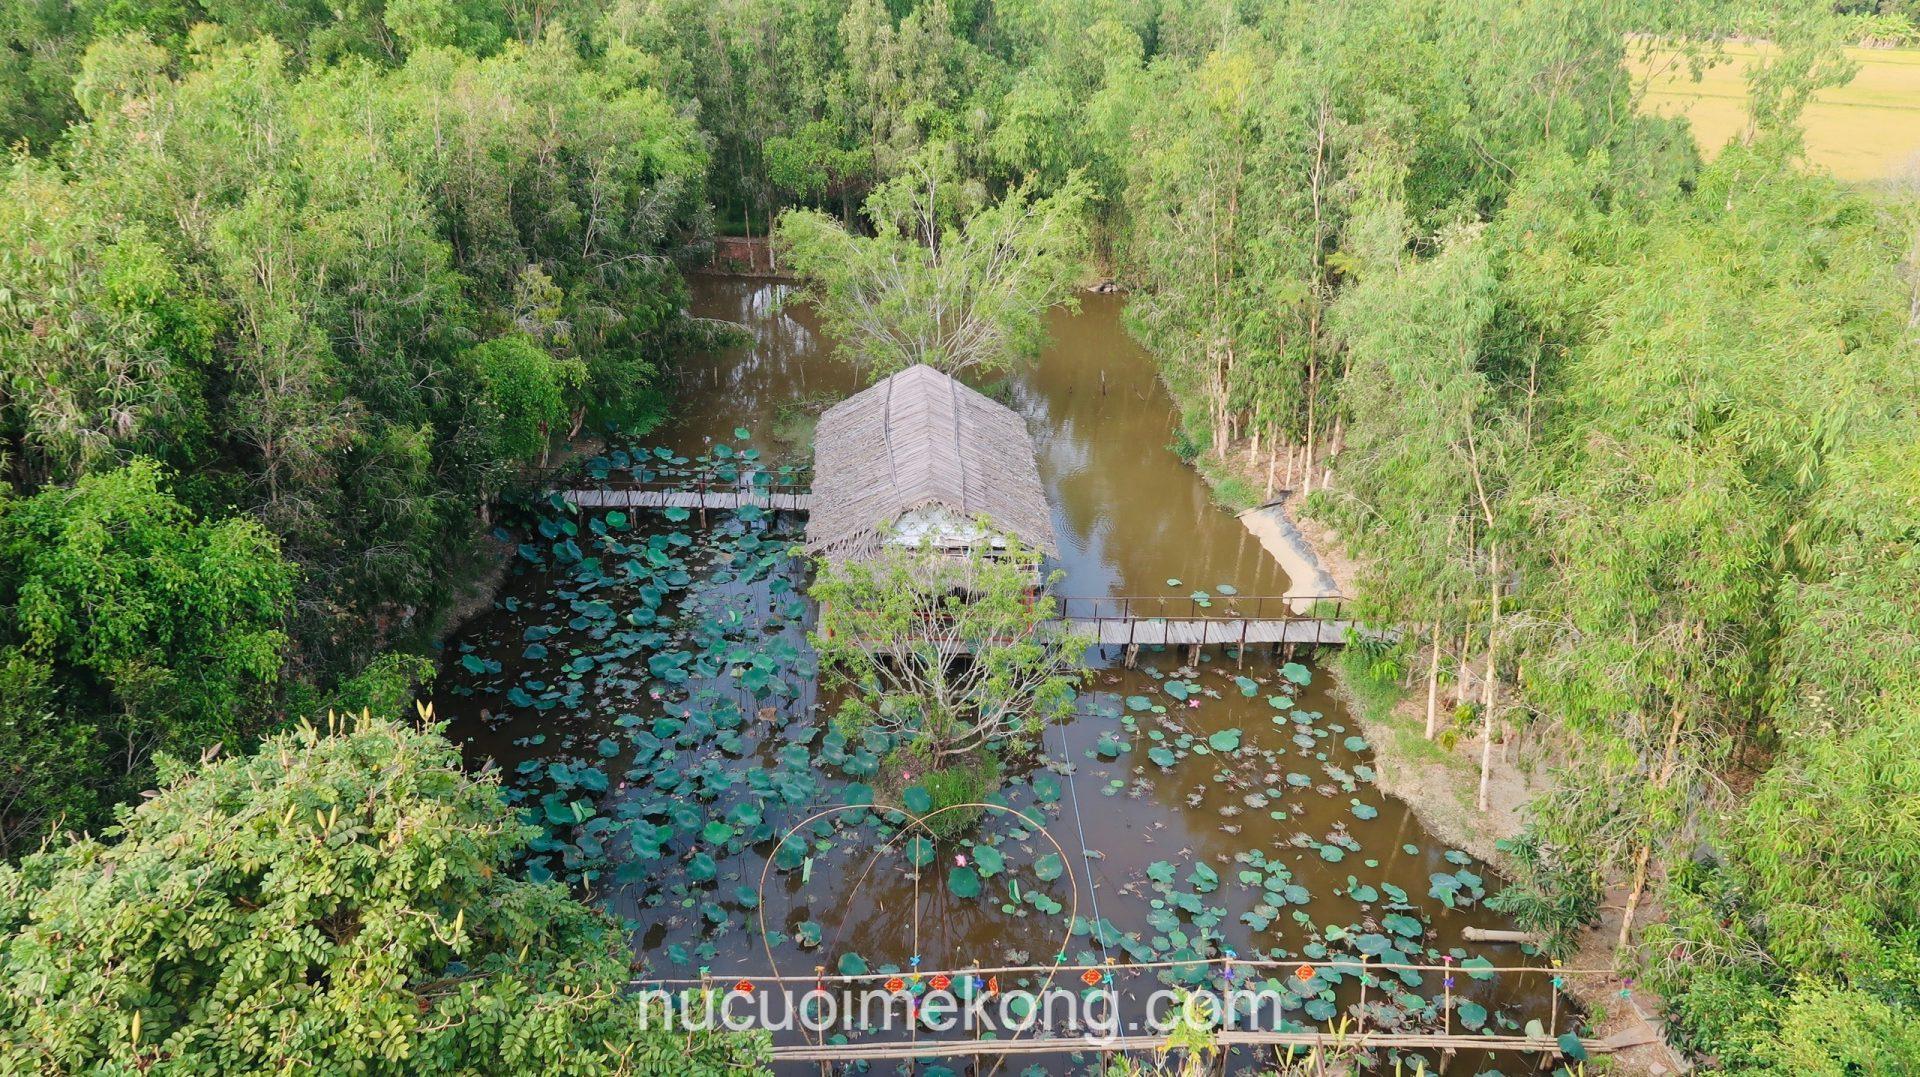 wet-land-conservation-mekong-delta-forest